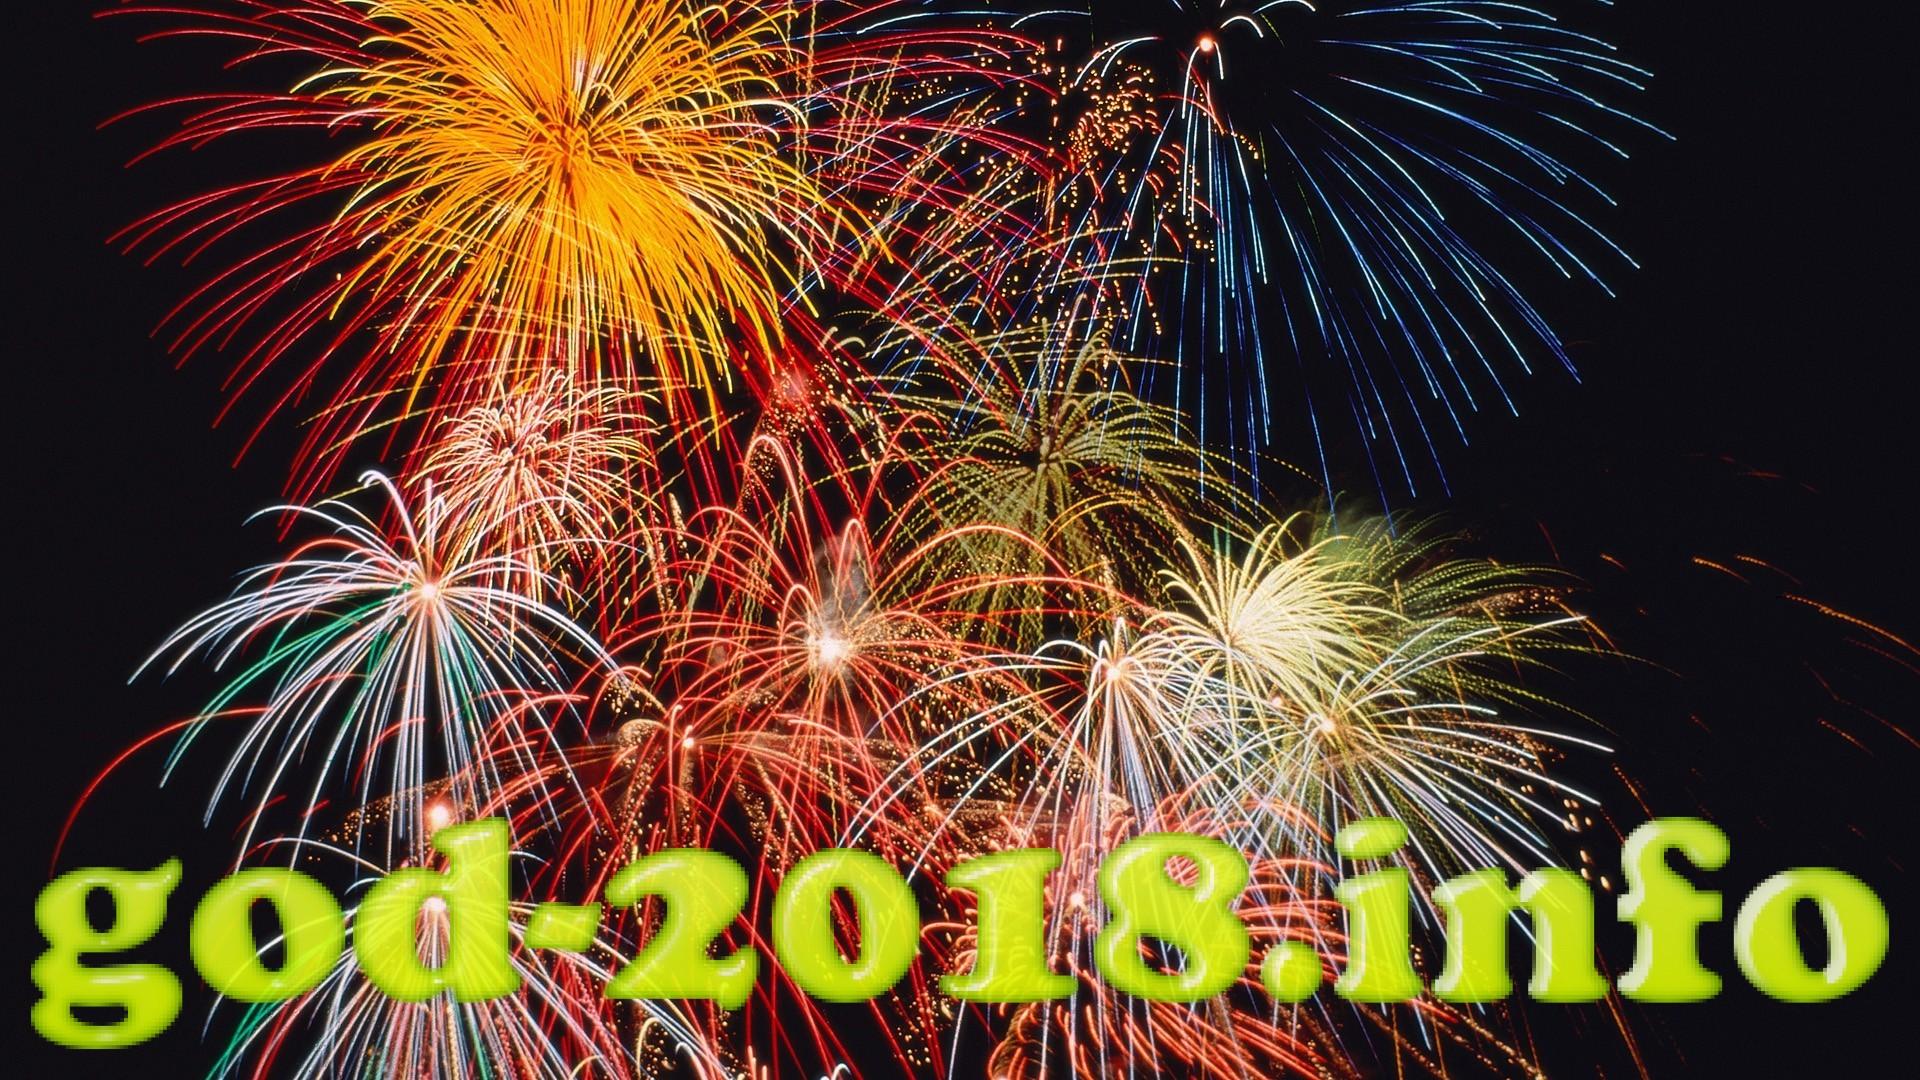 luchshie-idei-novogodnih-podarkov-2018-goda-10